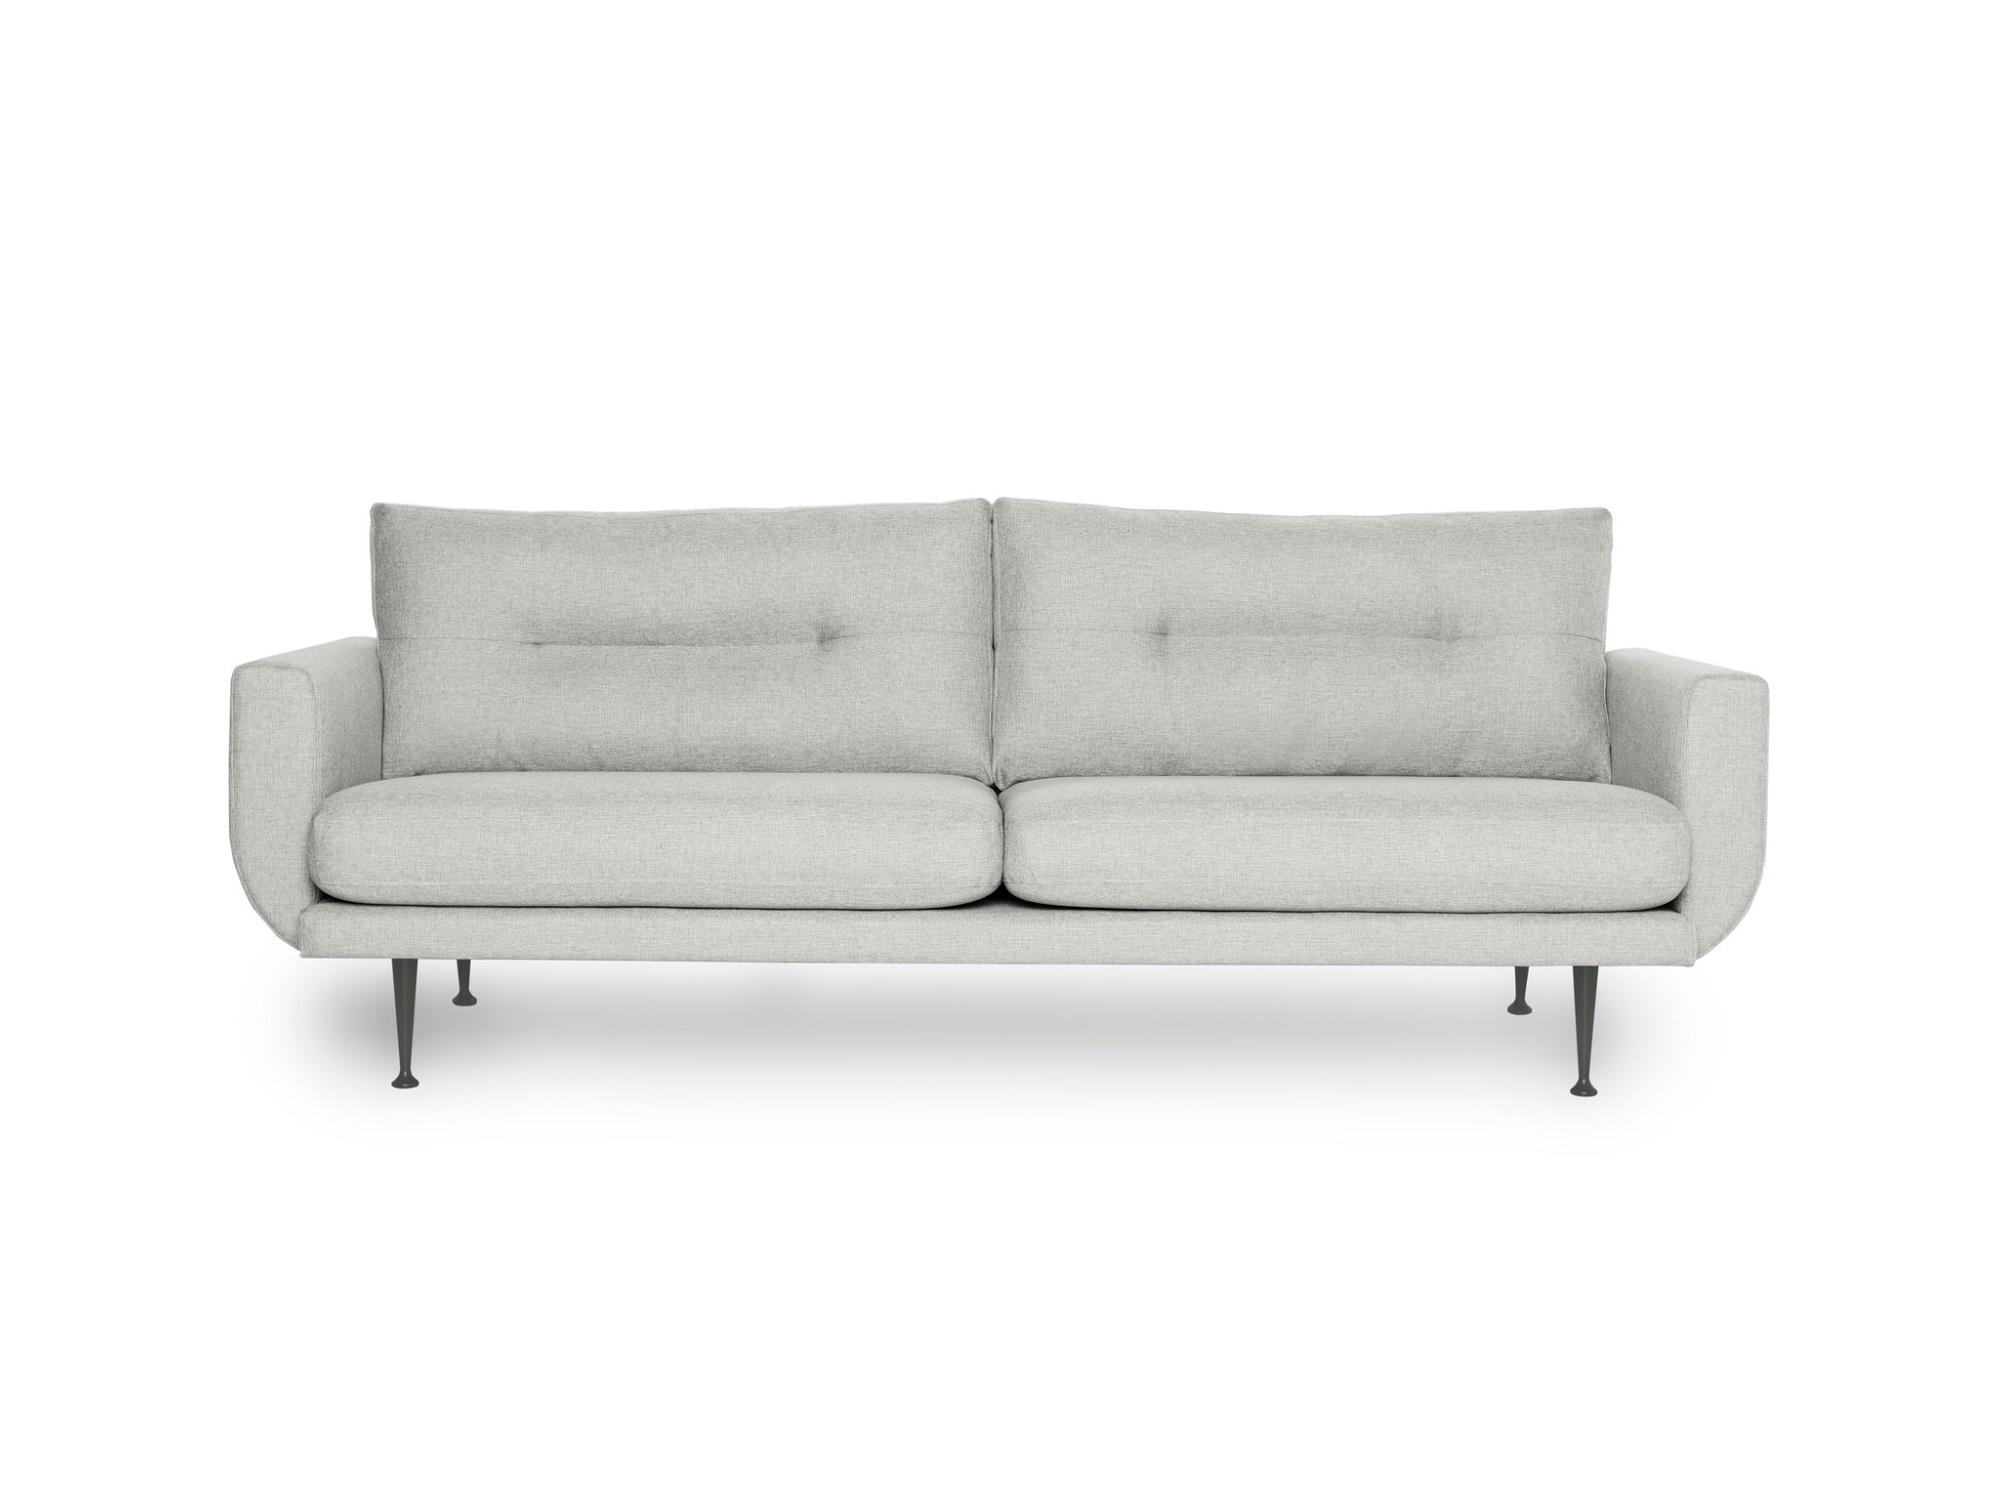 Диван ВисбиТрехместные диваны<br>Красивый, выразительный трехместный диван Висби может быть украшением домашнего или офисного интерьера. Диван Висби отличается глубокой посадкой, дизайном подушек спинки, изящной формой подлокотника и высокими фигурными металлическими ножками. Не разбирается.&amp;amp;nbsp;&amp;lt;div&amp;gt;&amp;lt;br&amp;gt;&amp;lt;div&amp;gt;Каркас (комбинации дерева, фанеры и ЛДСП). Для сидячих подушек используют пену различной плотности, а также перо и силиконовое волокно. Для задних подушек есть пять видов наполнения: пена, измельченная пена, пена высокой эластичности, силиконовые волокно.&amp;lt;/div&amp;gt;&amp;lt;div&amp;gt;Материал обивки: 100% PP полипропиленовое волокно.&amp;lt;/div&amp;gt;&amp;lt;/div&amp;gt;<br><br>Material: Текстиль<br>Ширина см: 230<br>Высота см: 82<br>Глубина см: 87